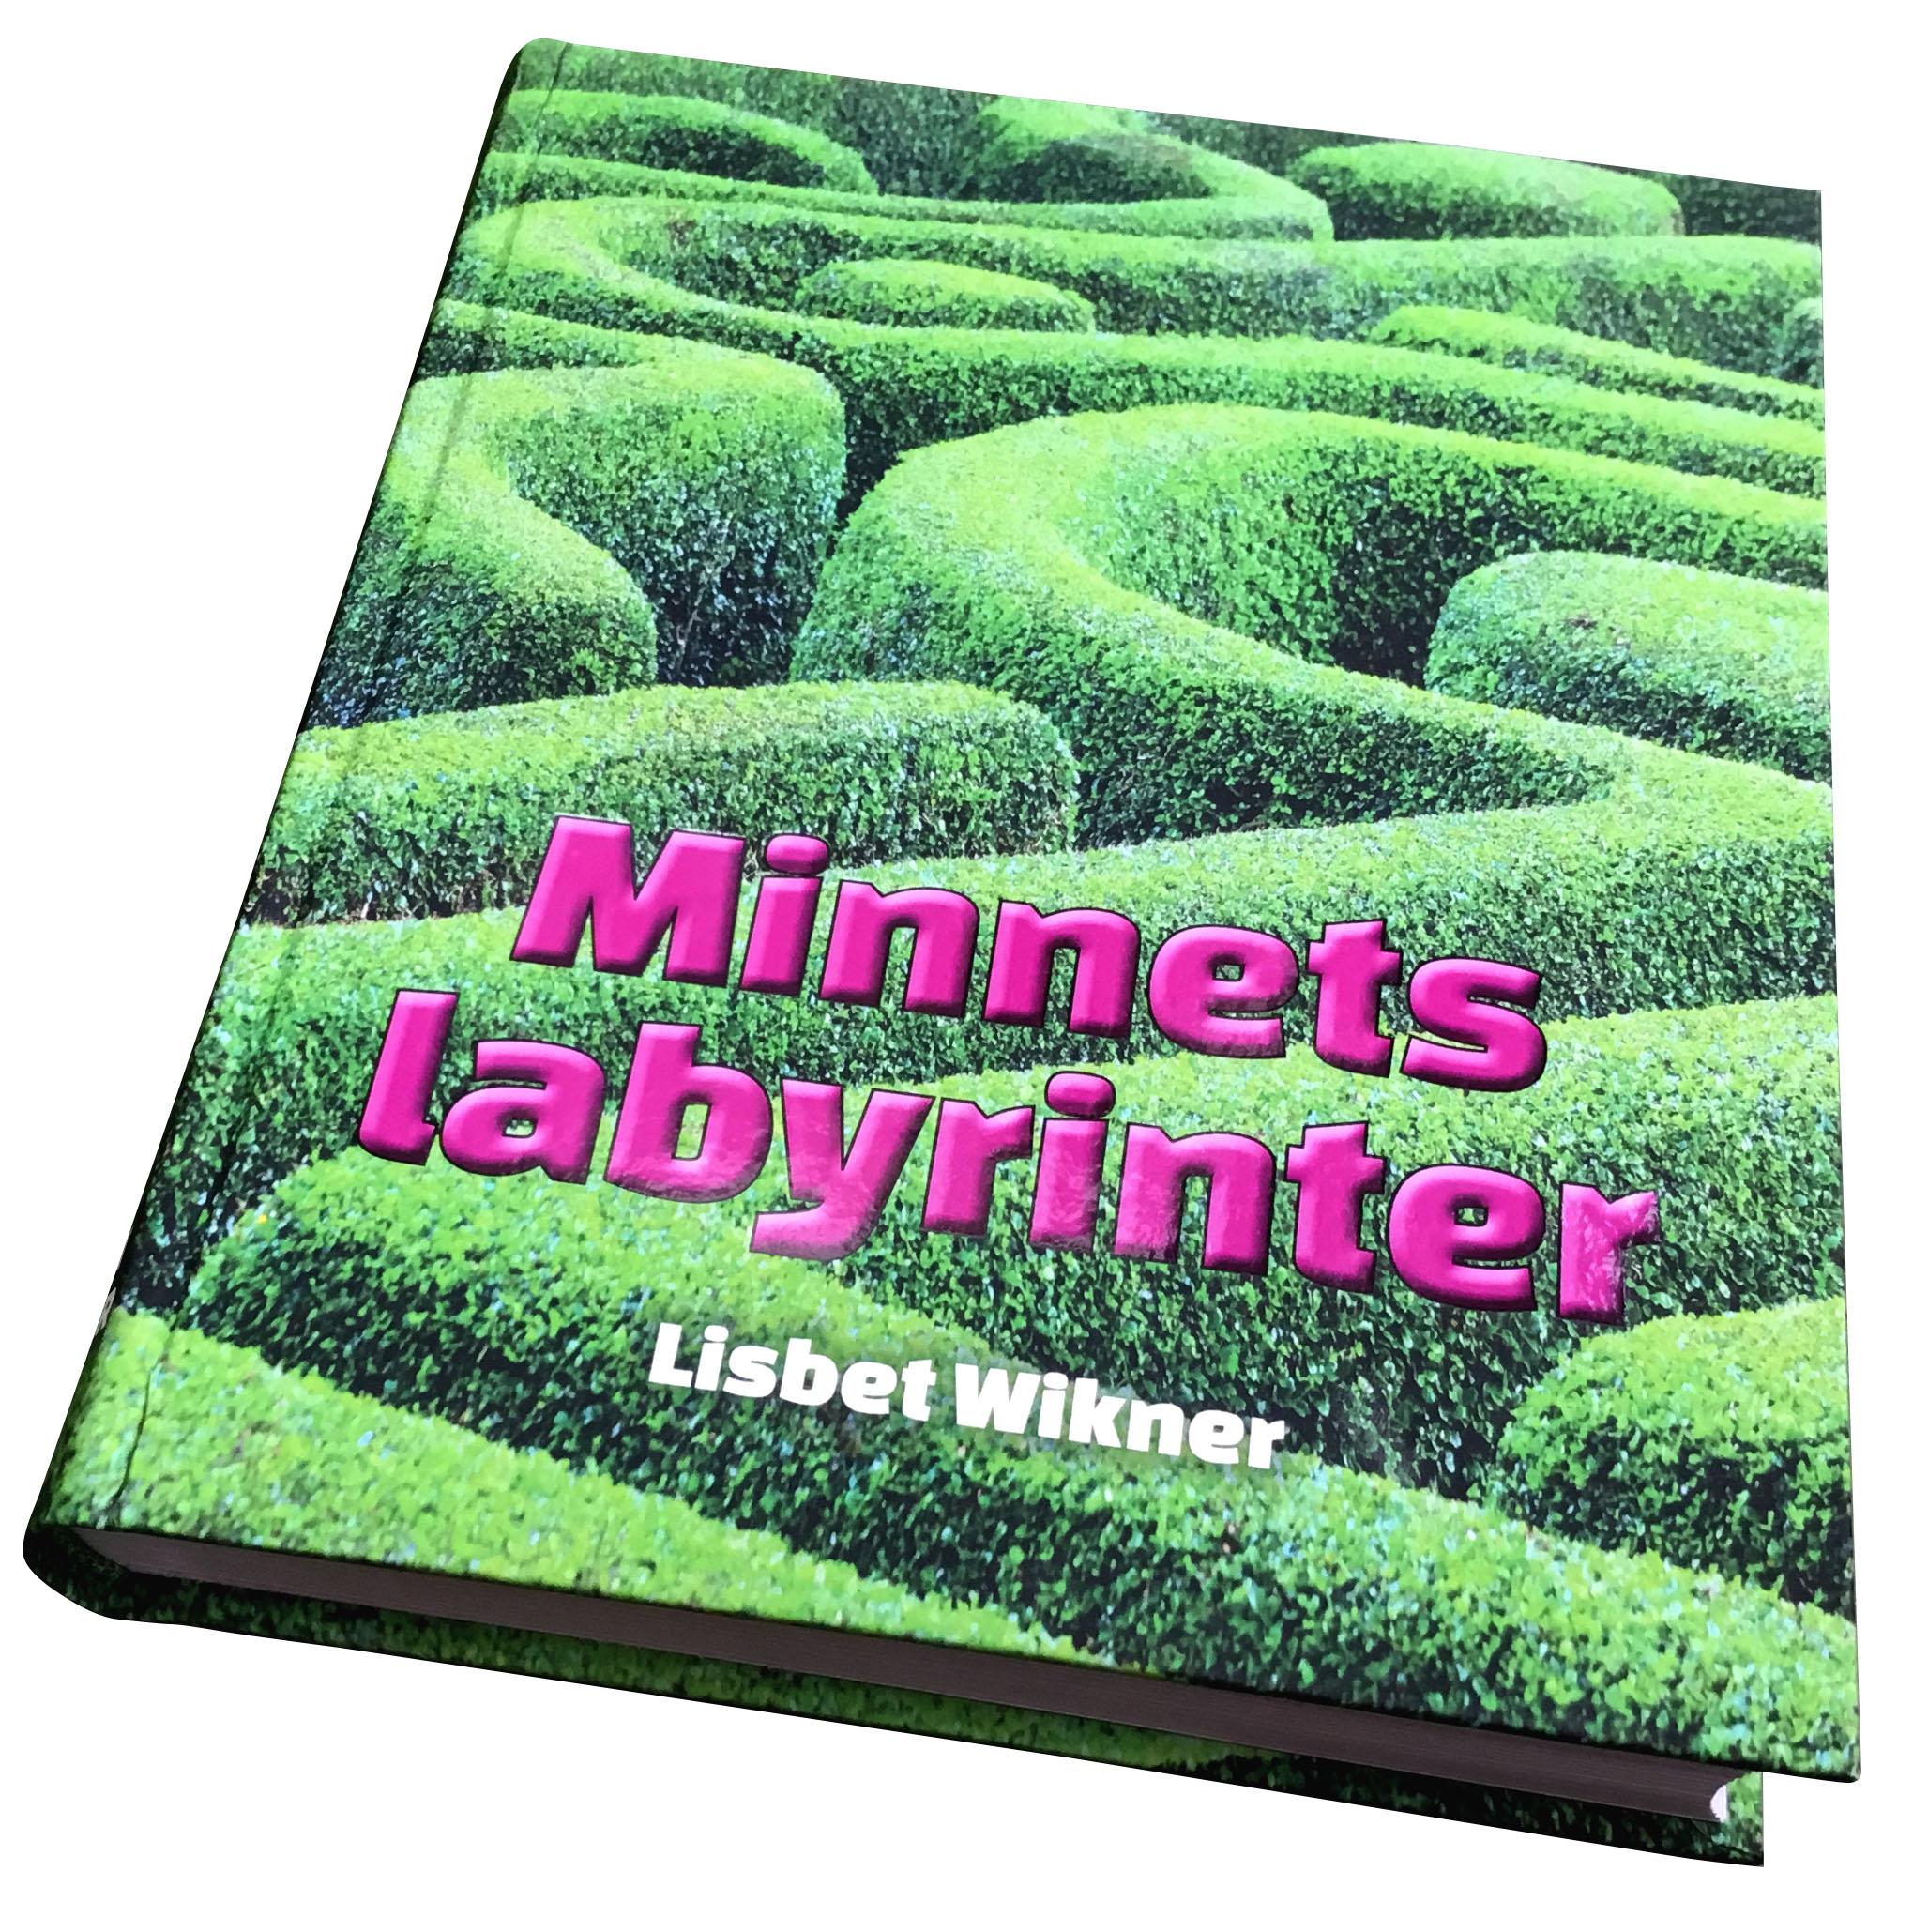 Minnets labyrinter / Lisbet Wikner